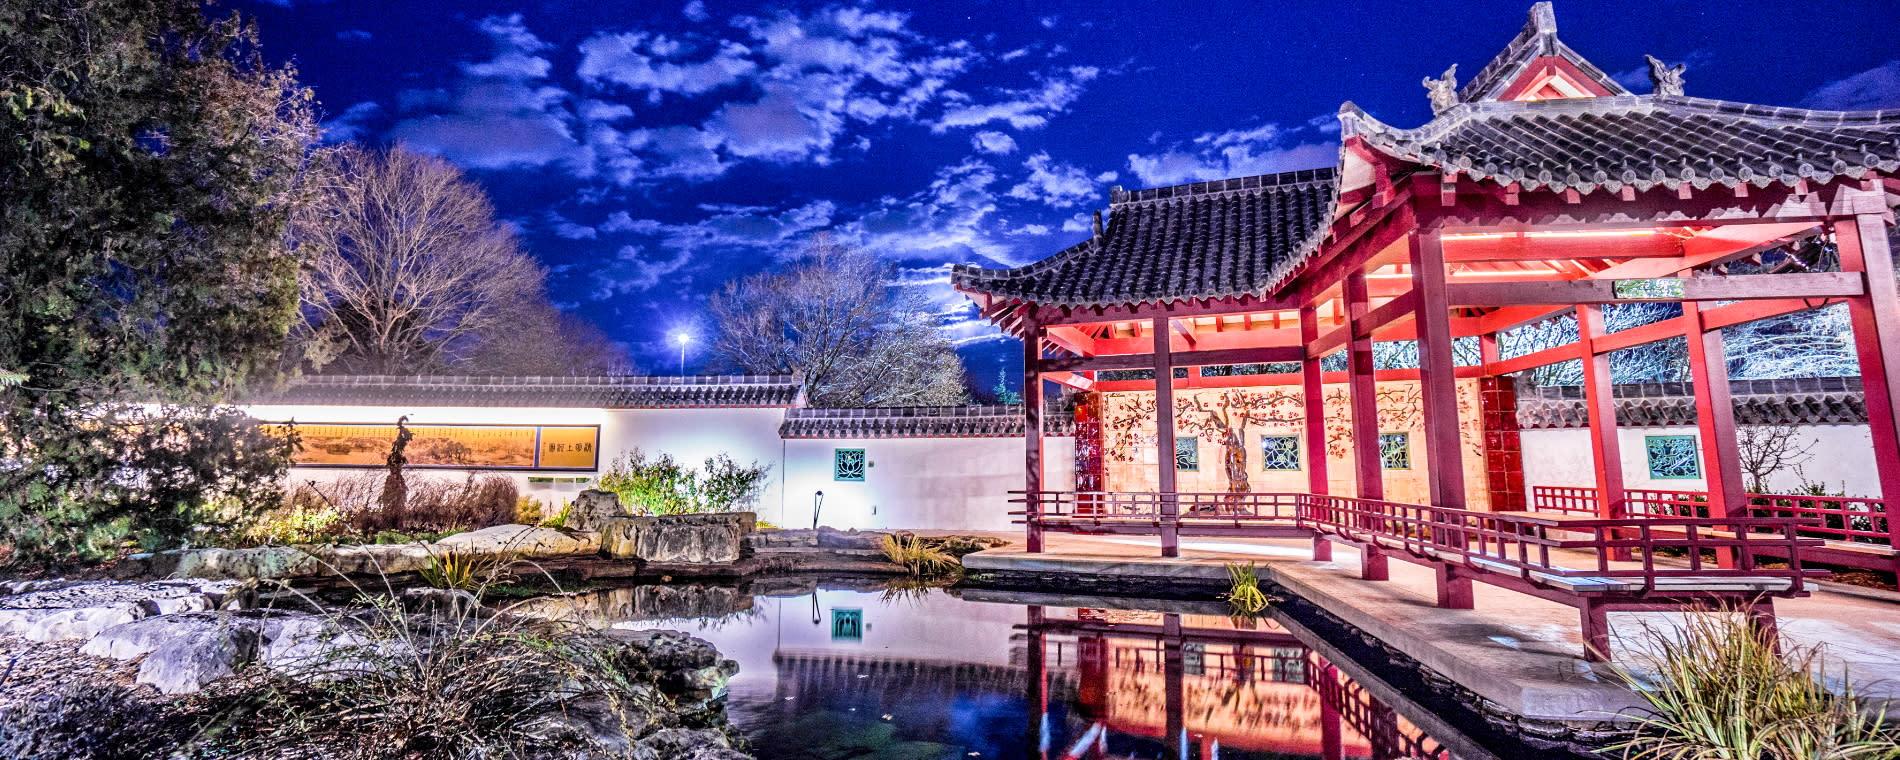 Botanica Wichita Chinese Garden